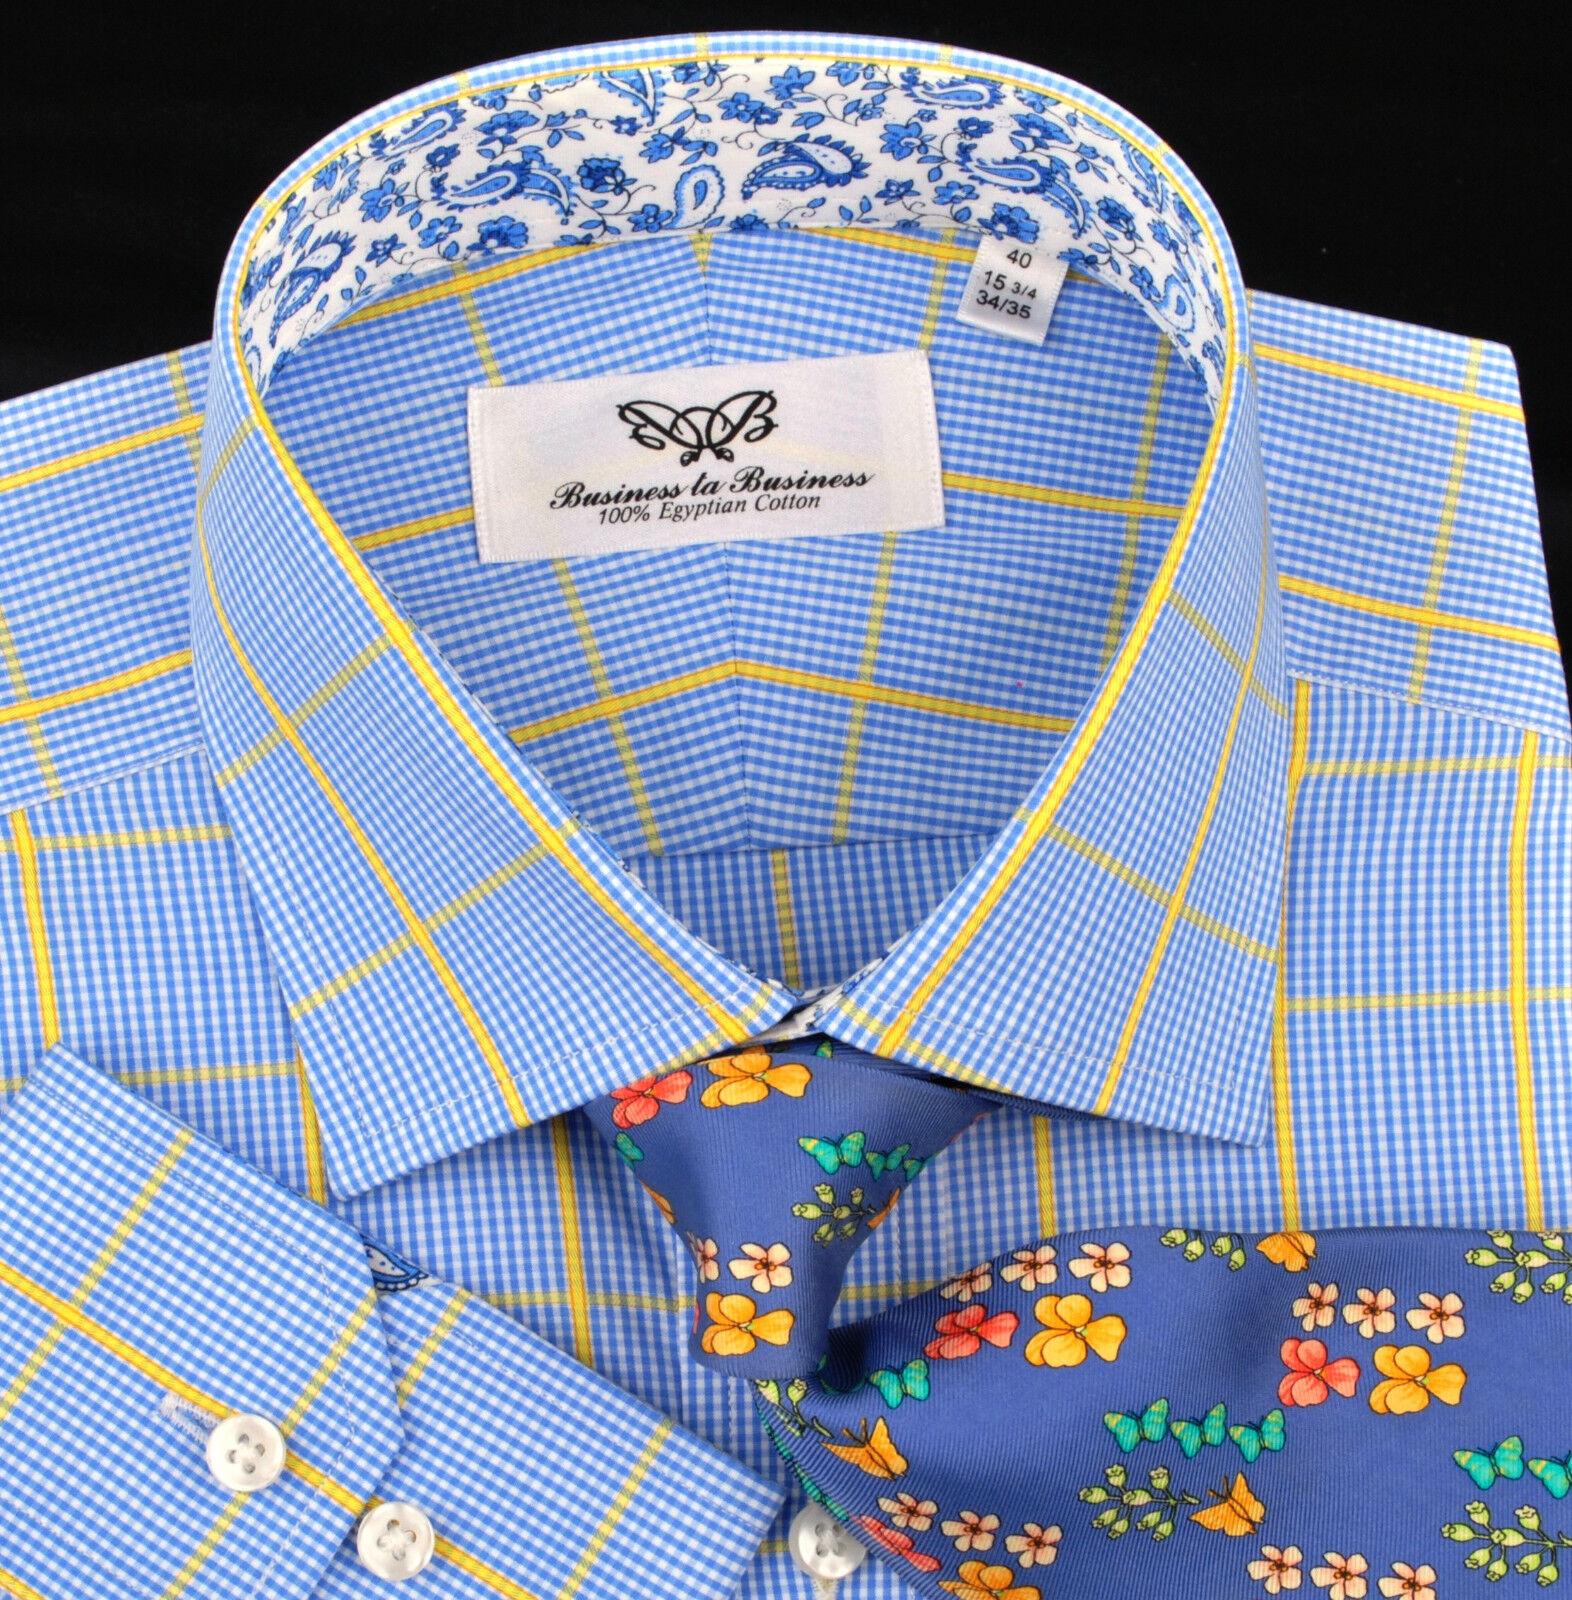 Blau Gelb Luxury Dress Shirt Formal Geschäft Contrast Farbes Paisley Flower